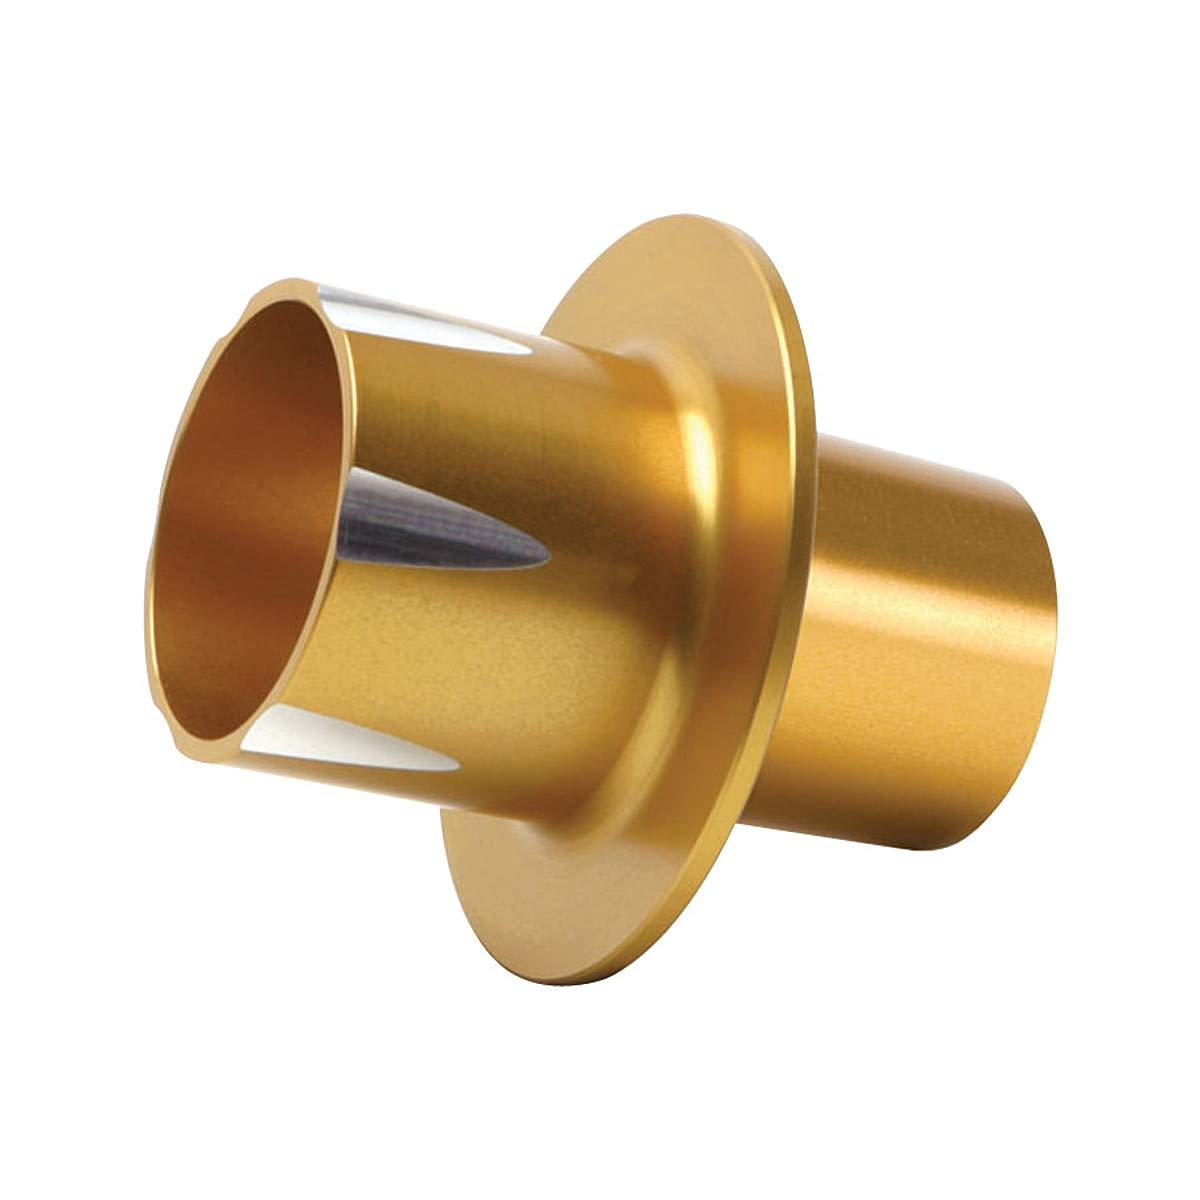 Tbr 93-0025G P1-X Powertip Silencer Insert Gold